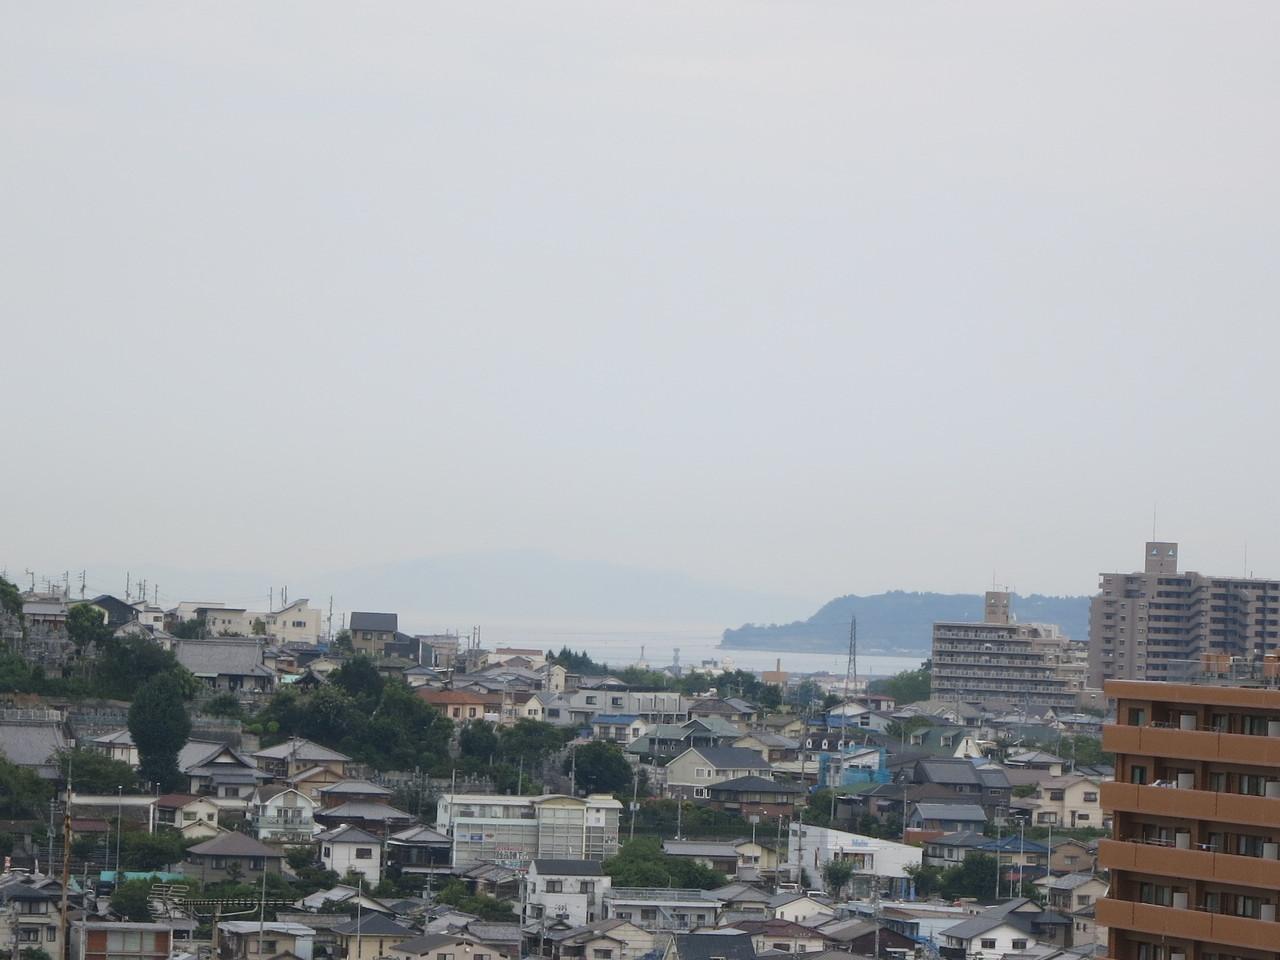 三津の花火も見れます(バルコニーより)